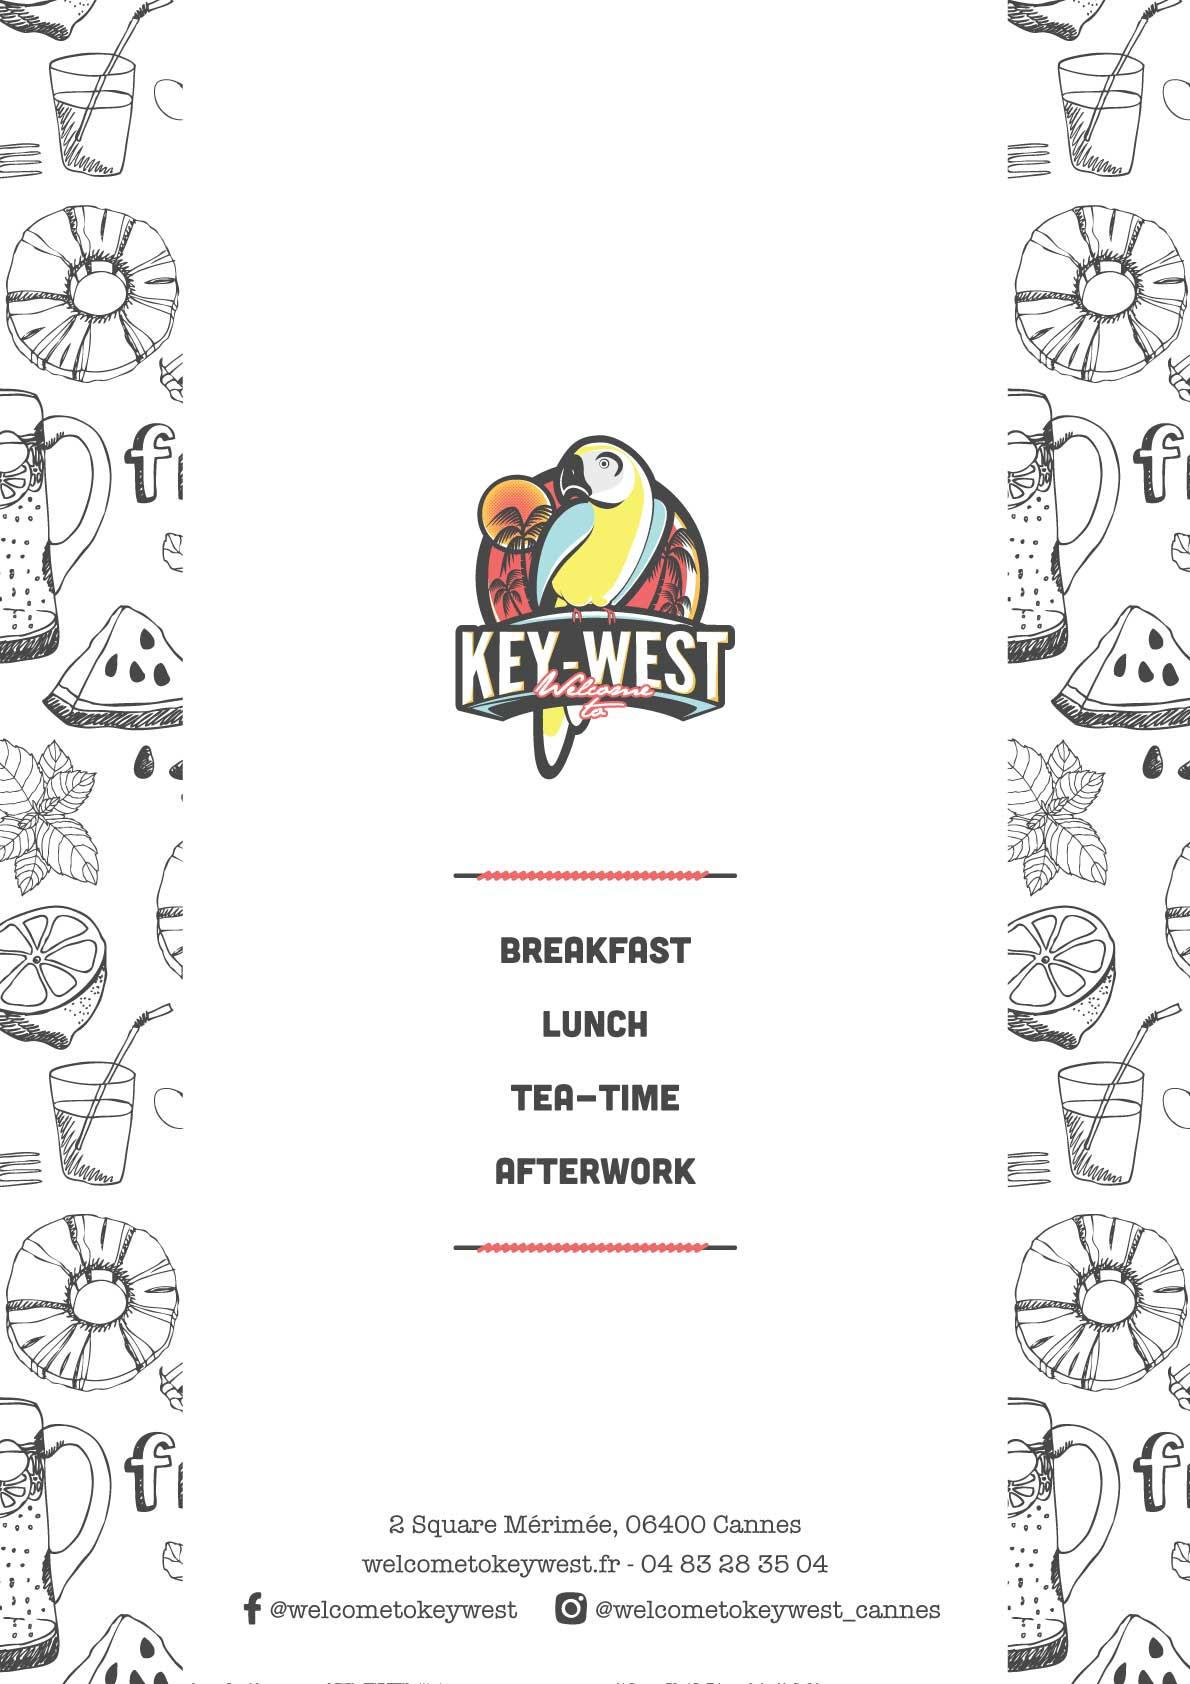 Couverture du menu